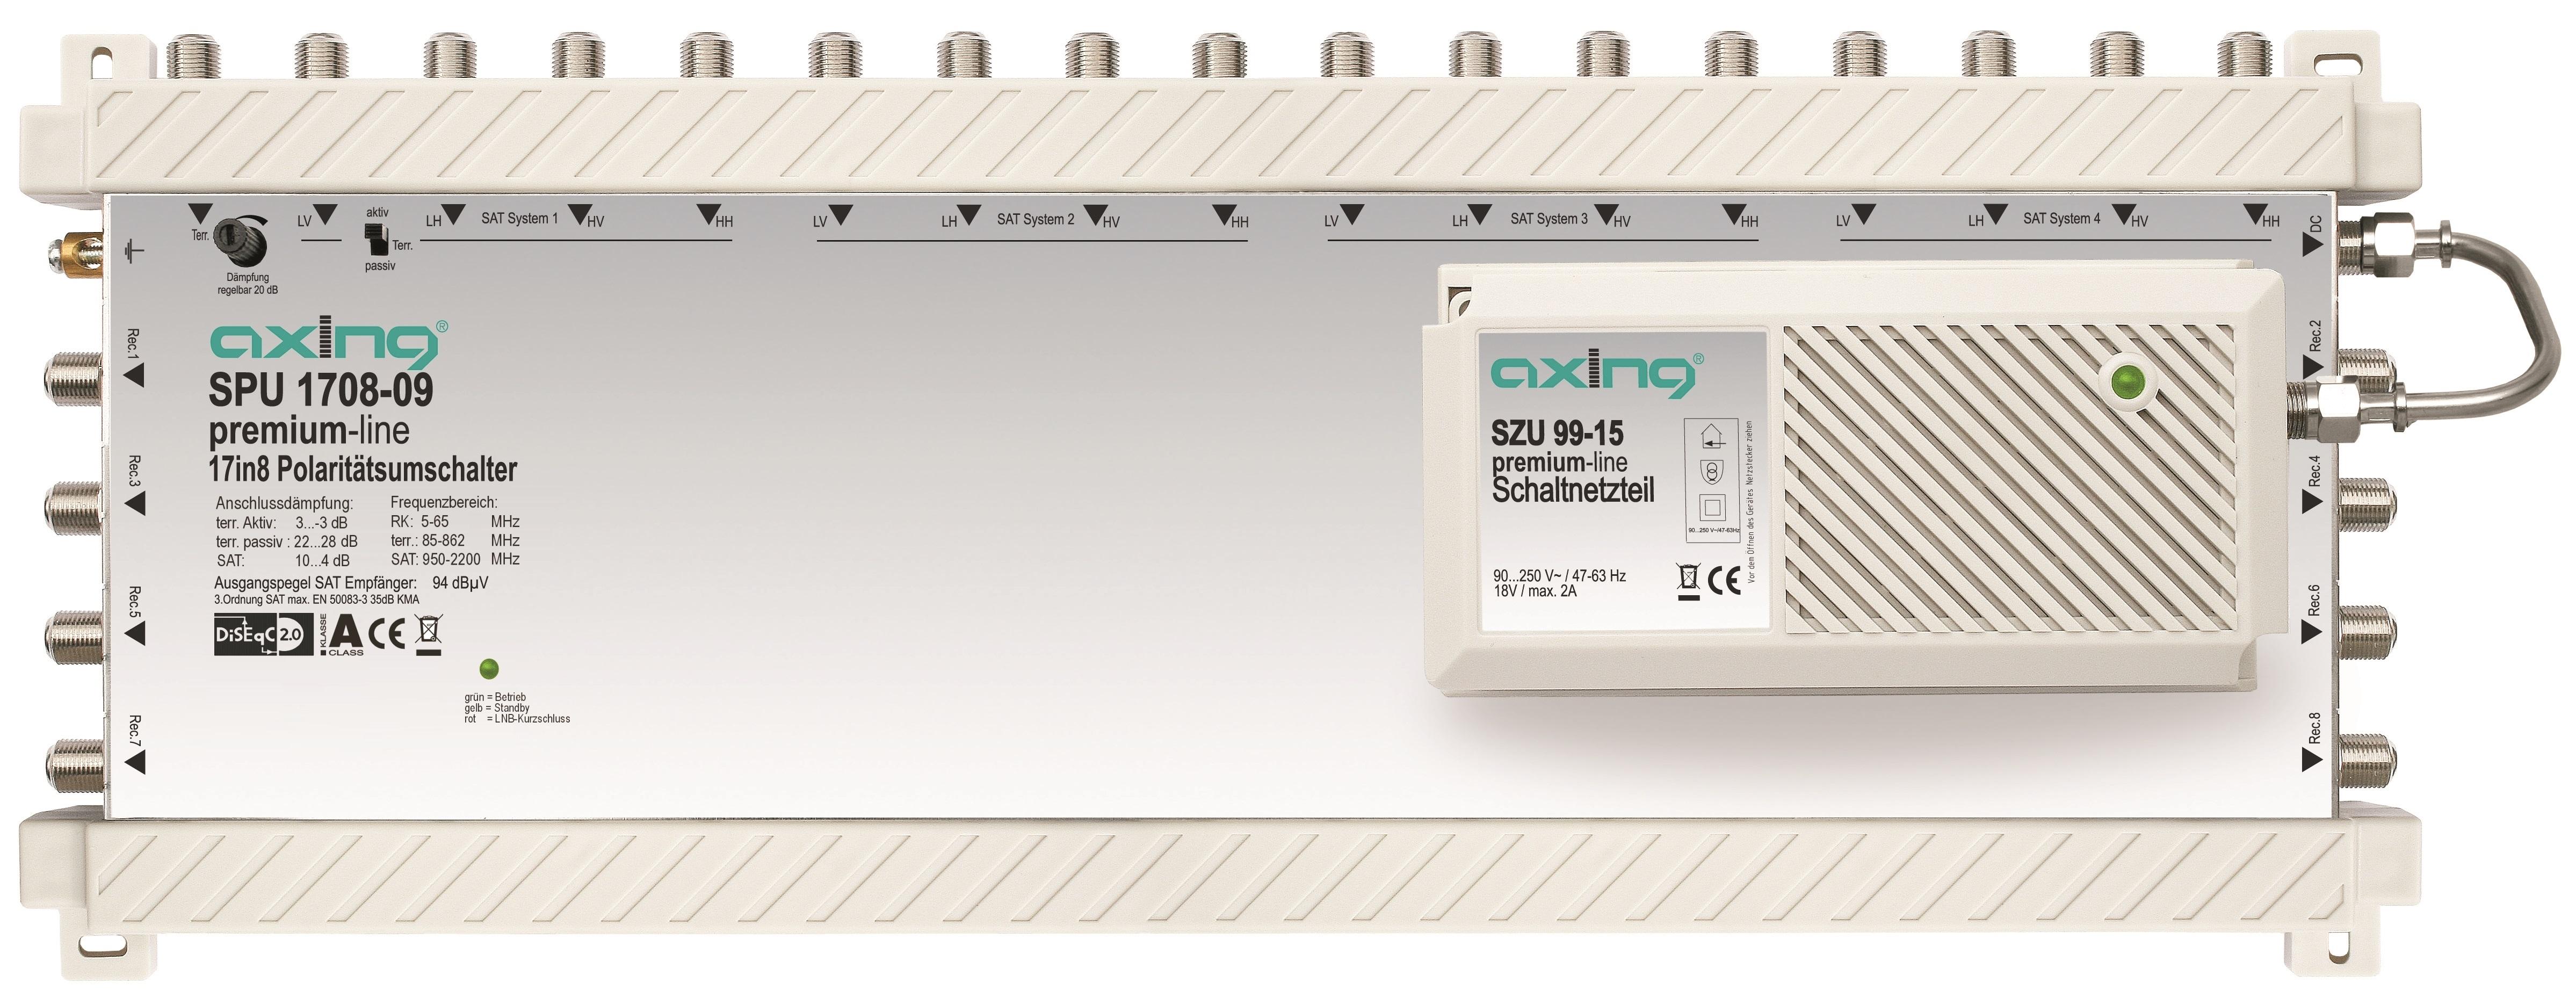 1 Stk SAT Multischalter 17 in  8 für Quattro+Quad LNB,SPU 1708-09 HSATS1708A